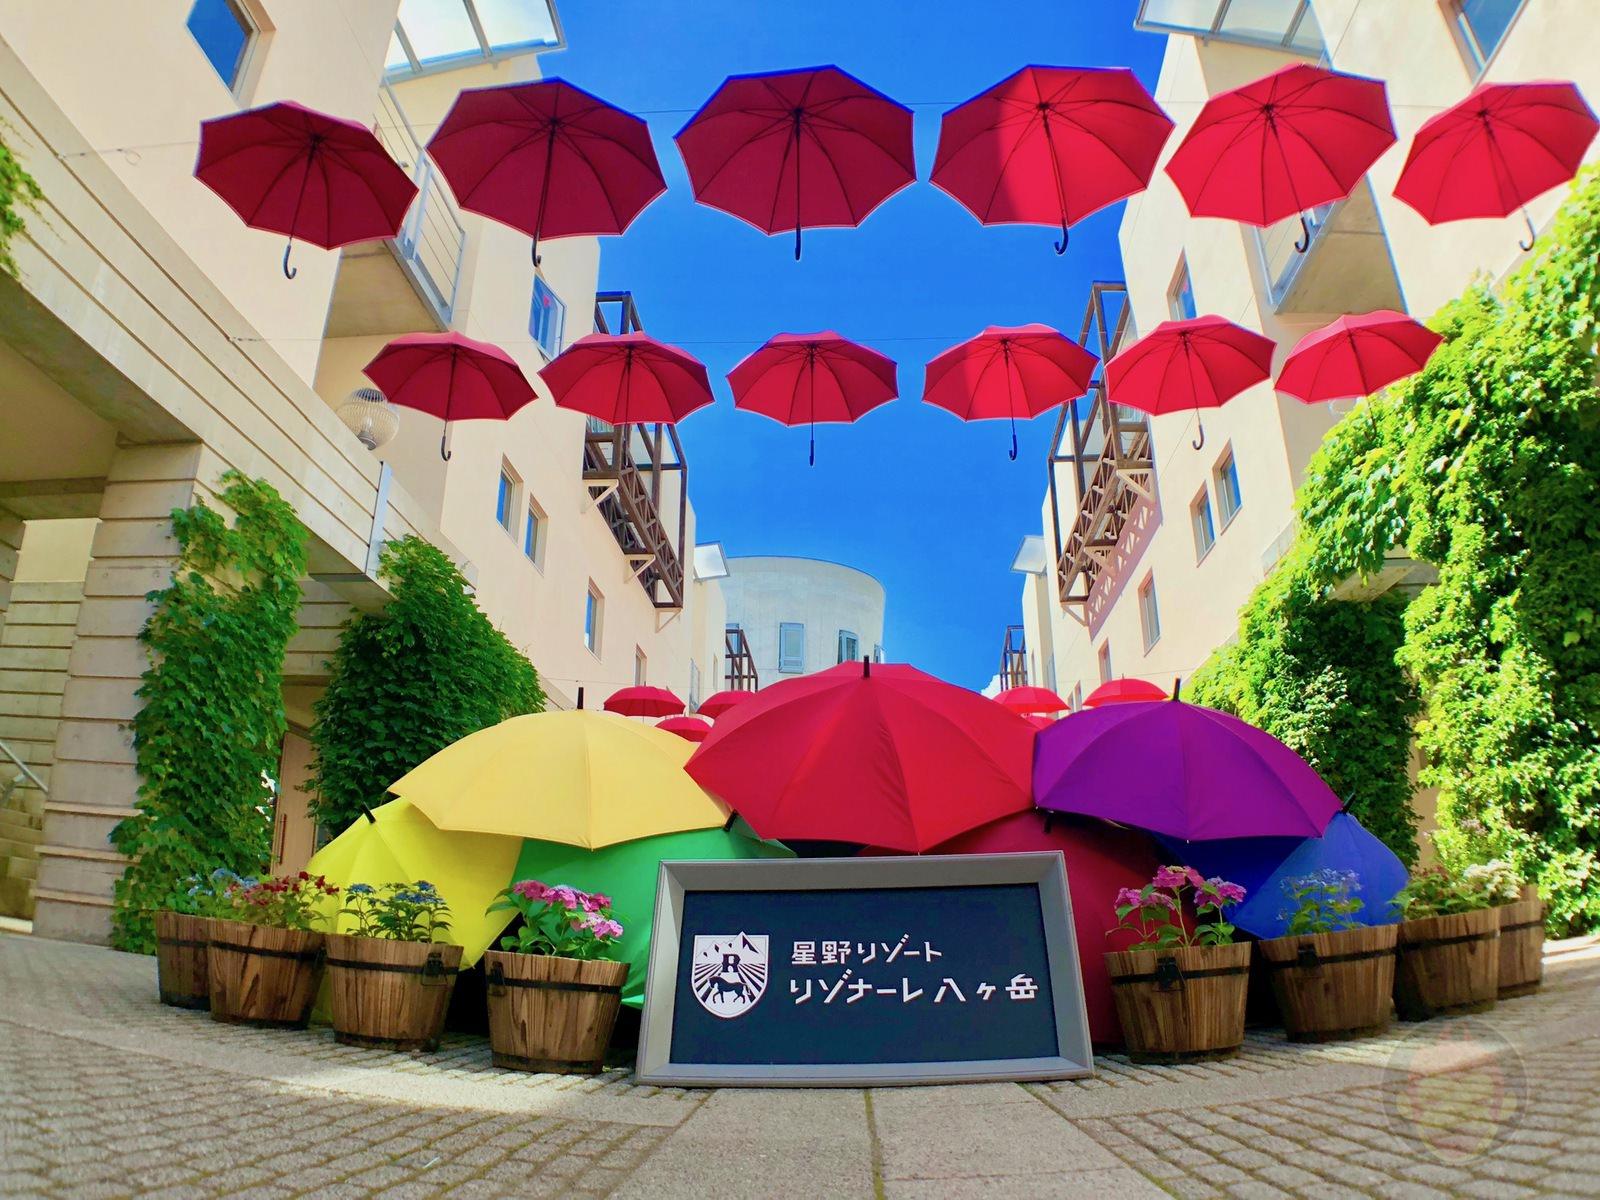 Hoshino Resonalre Yatsugatake Umbrella Sky 2018 03